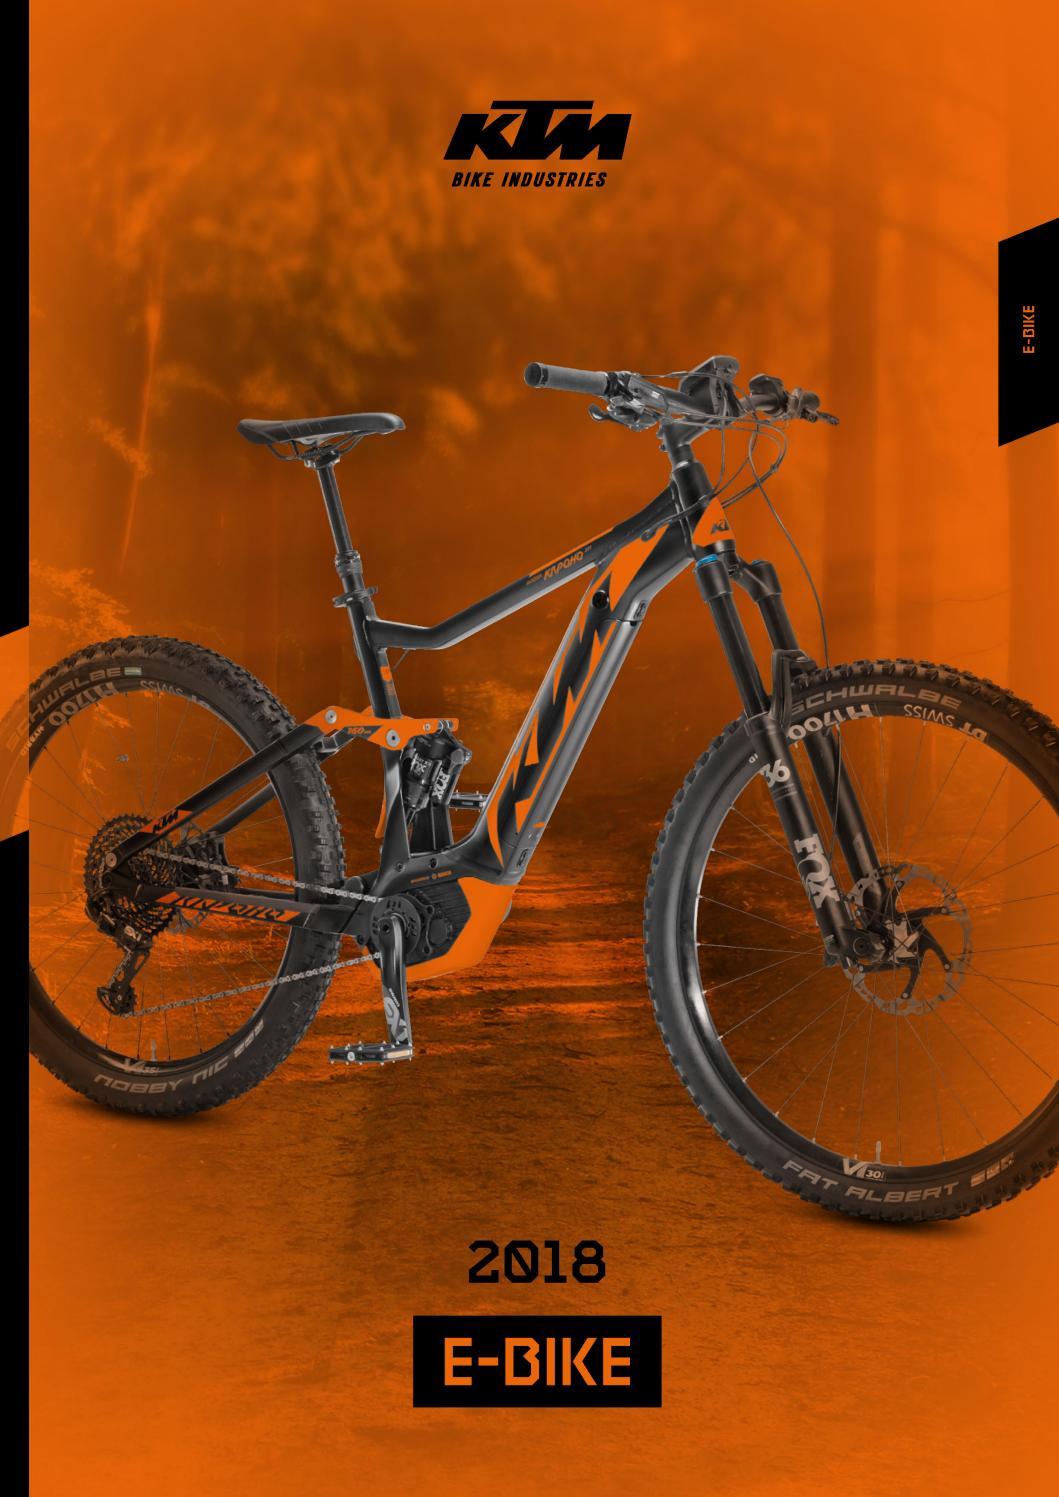 Ktm e bike catalogue 2018 screen by Simion Mauro - issuu